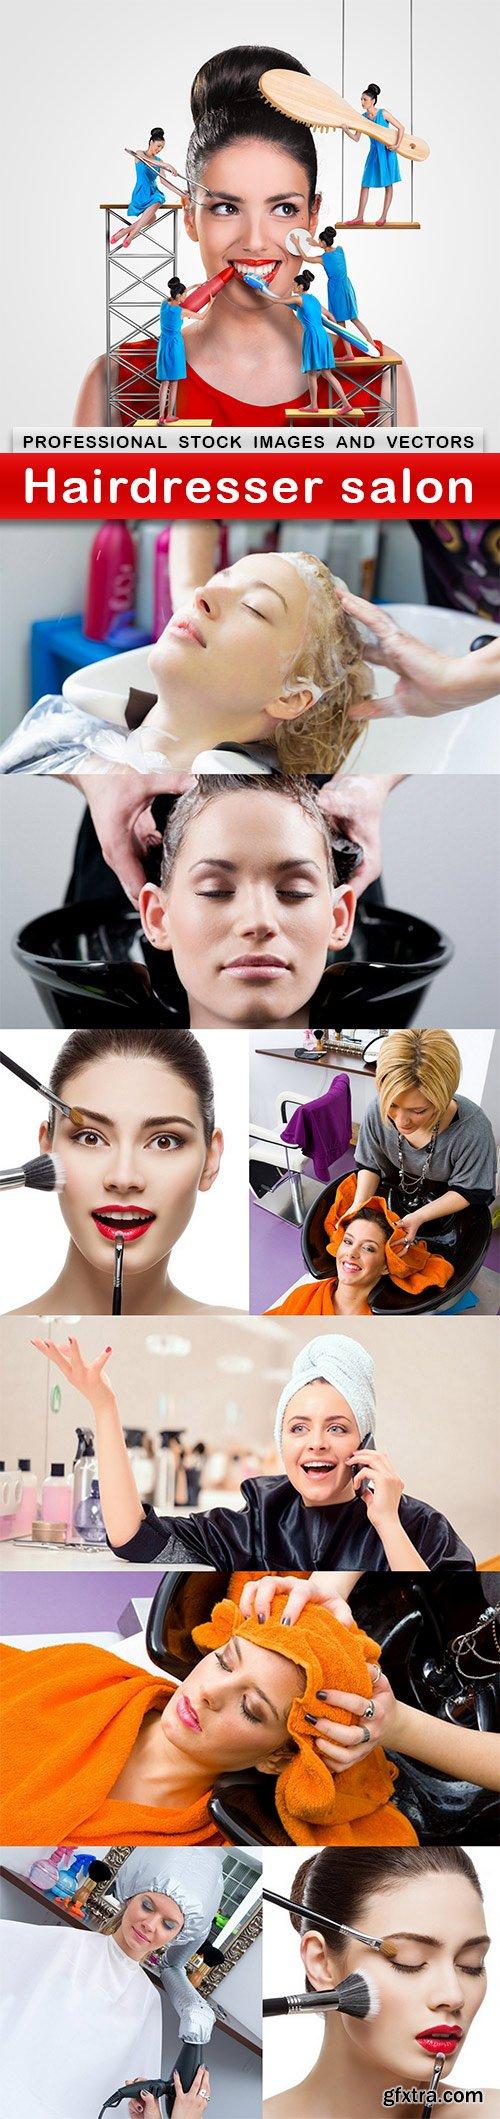 Hairdresser salon - 9 UHQ JPEG